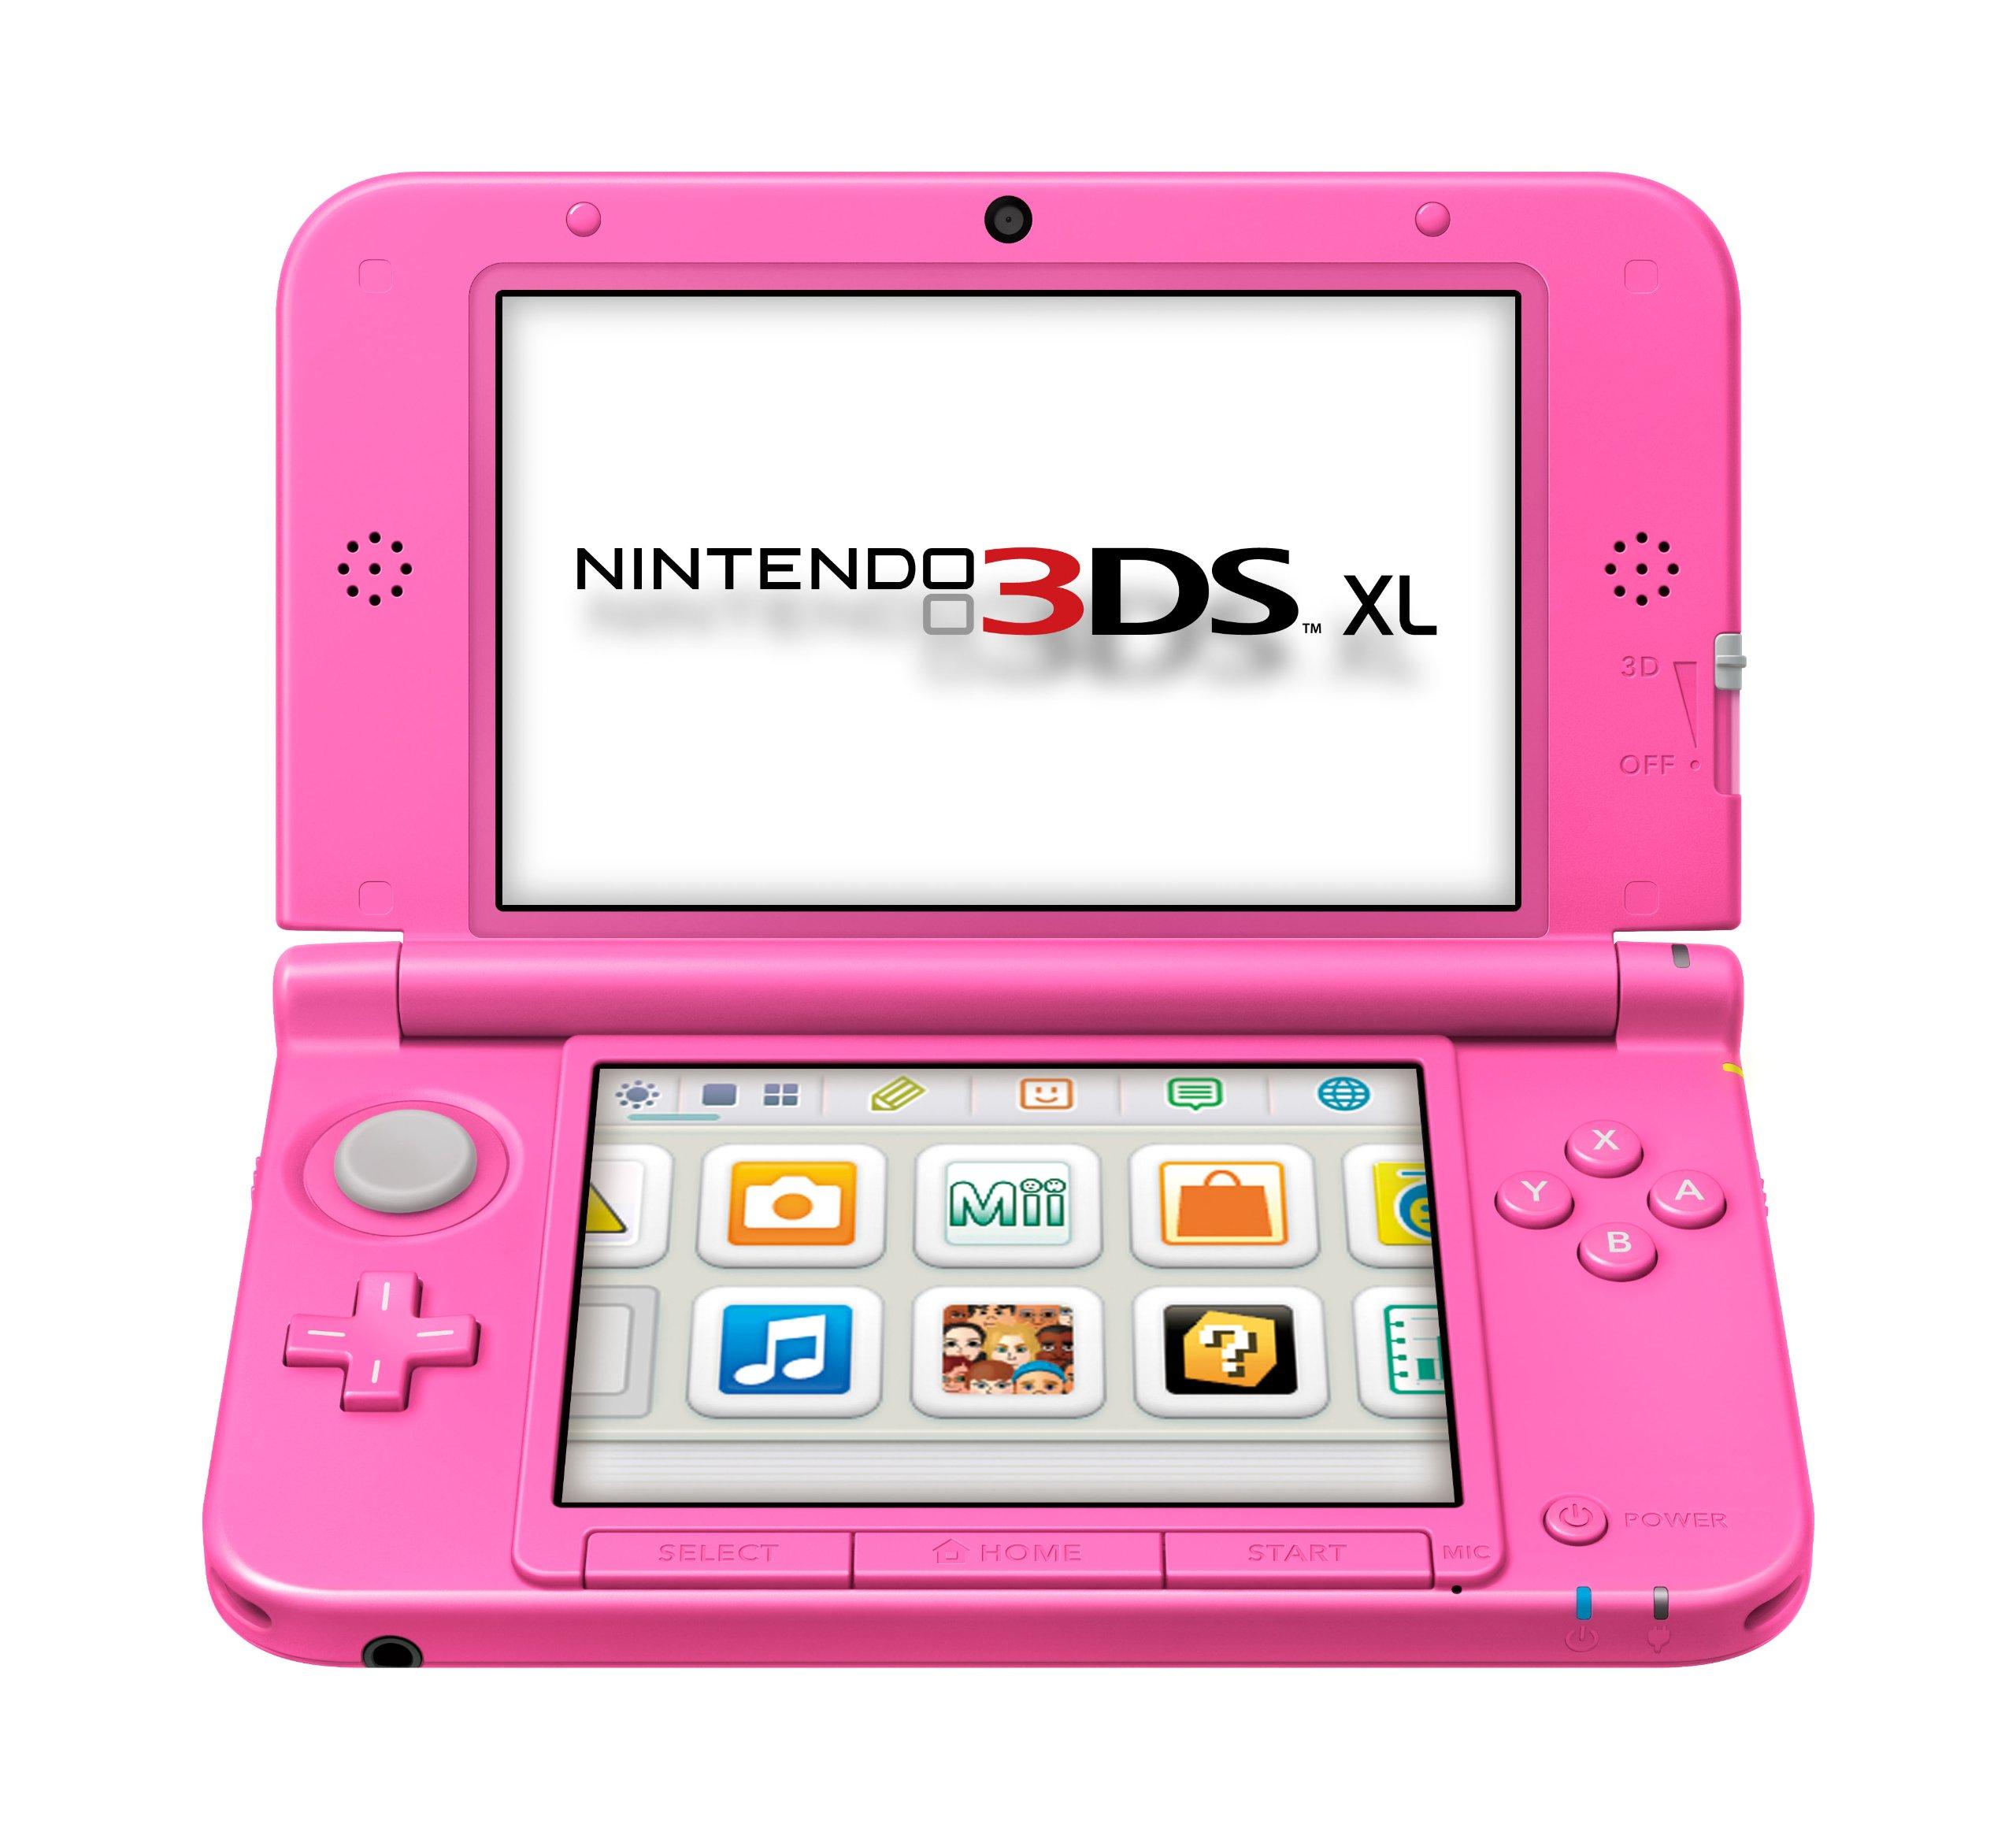 Nintendo 3DS - Consola XL, Color Rosa: Amazon.es: Videojuegos